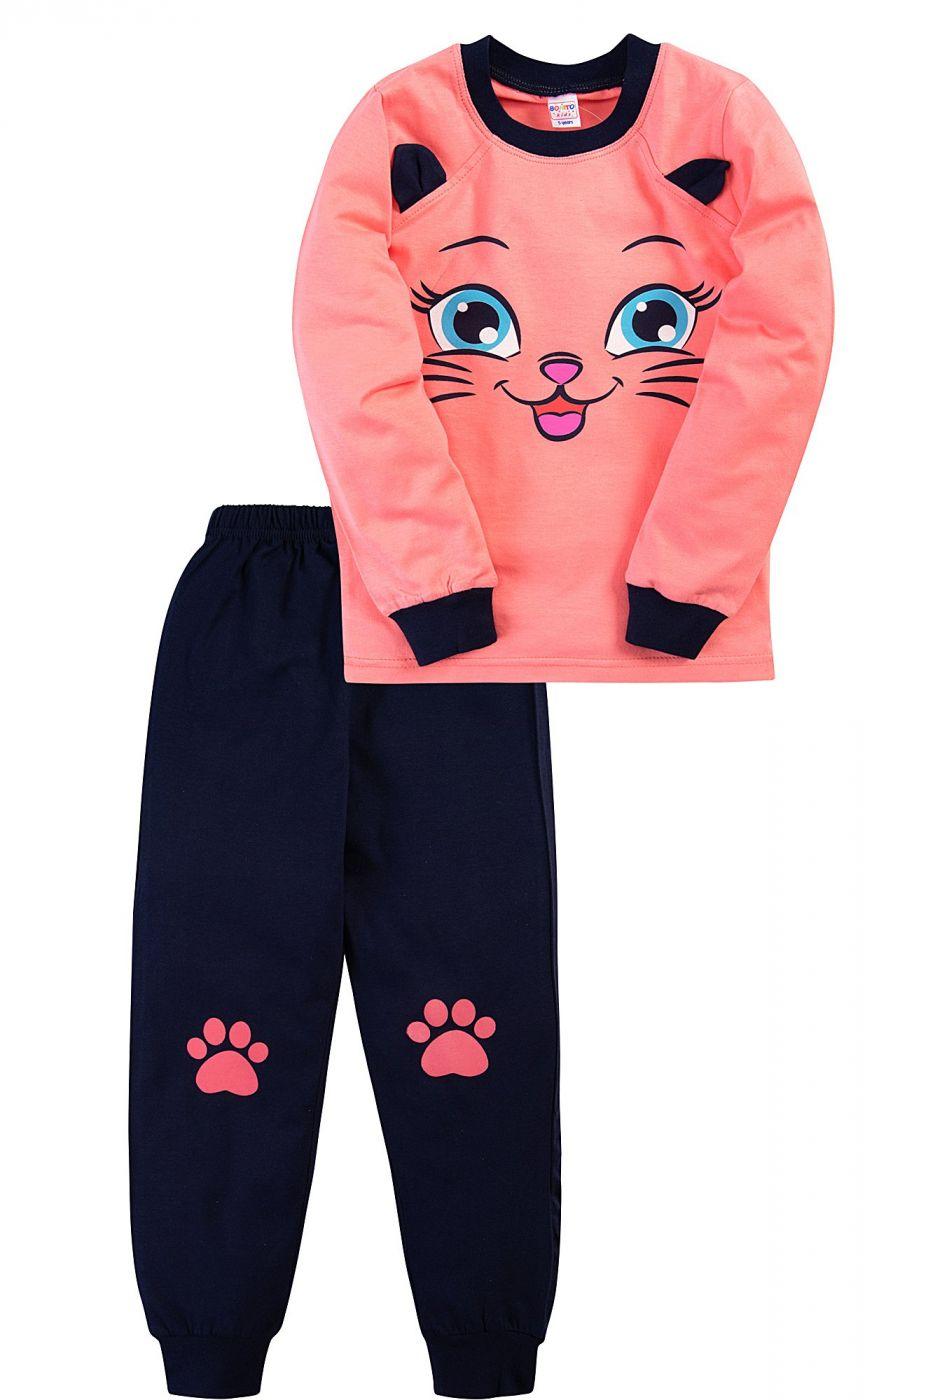 Пижама для девочки Bonito коралловая с мордочкой кошки